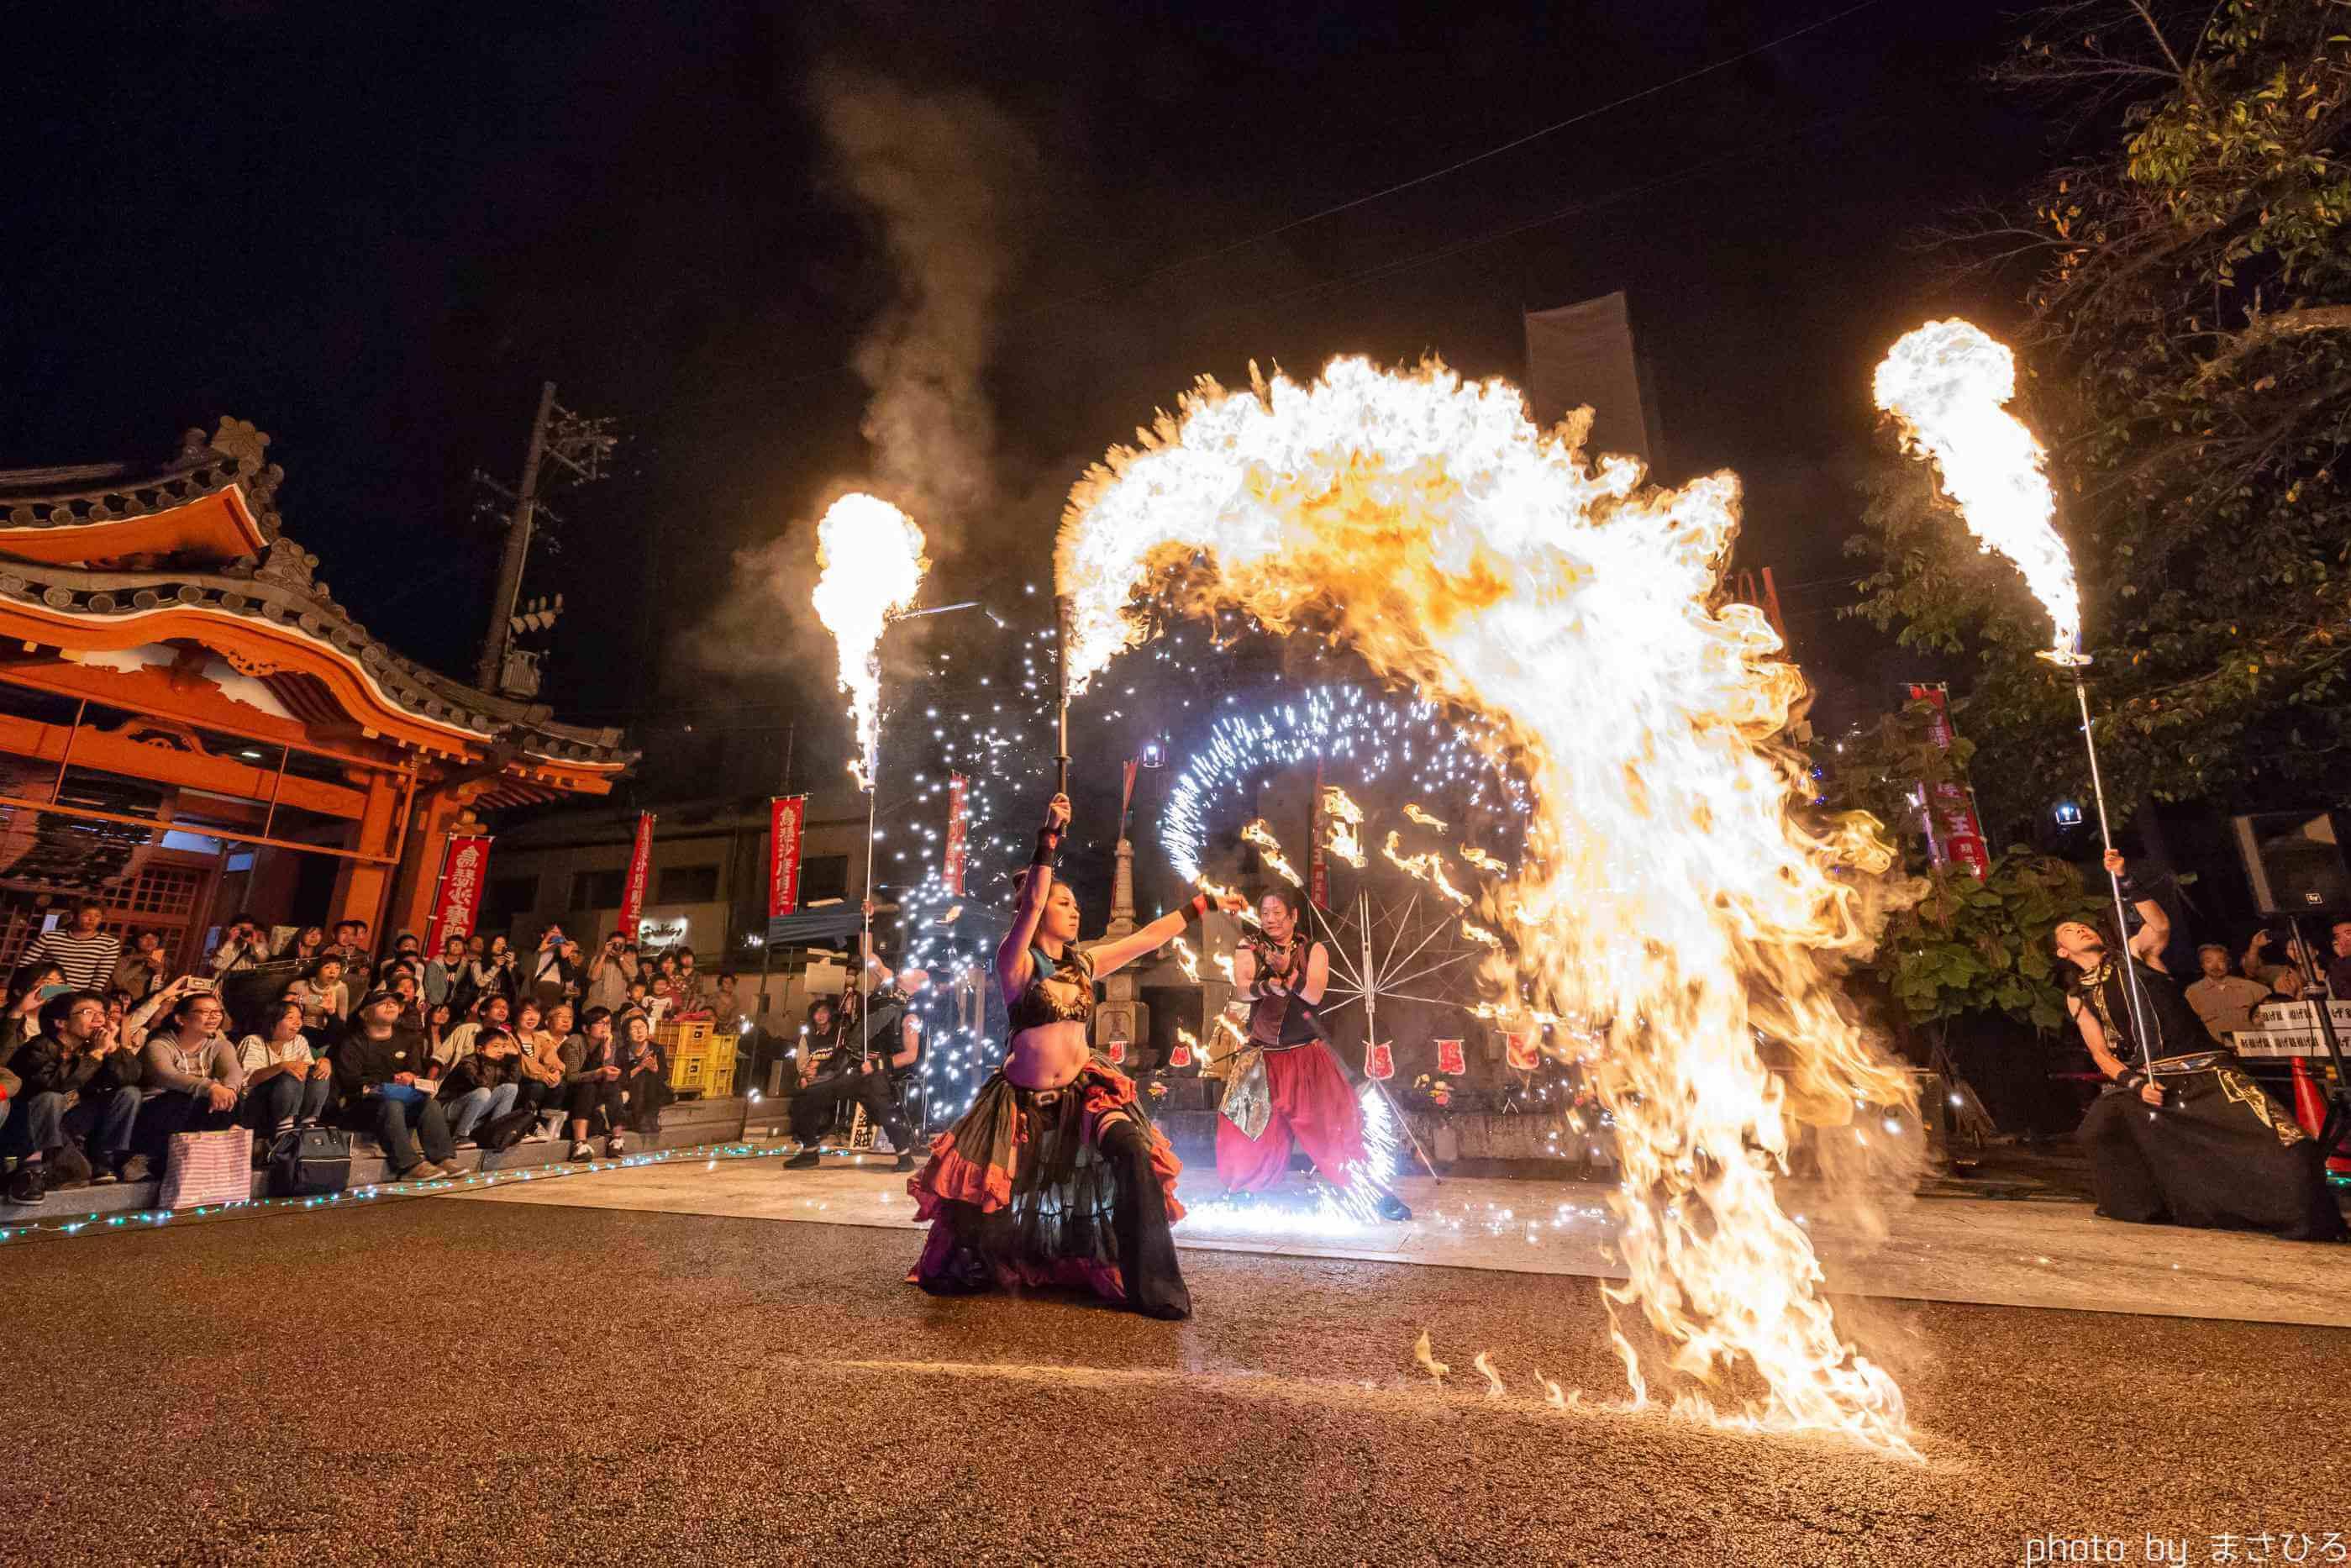 大須大道町人祭12年目の火付盗賊ファイヤーショー